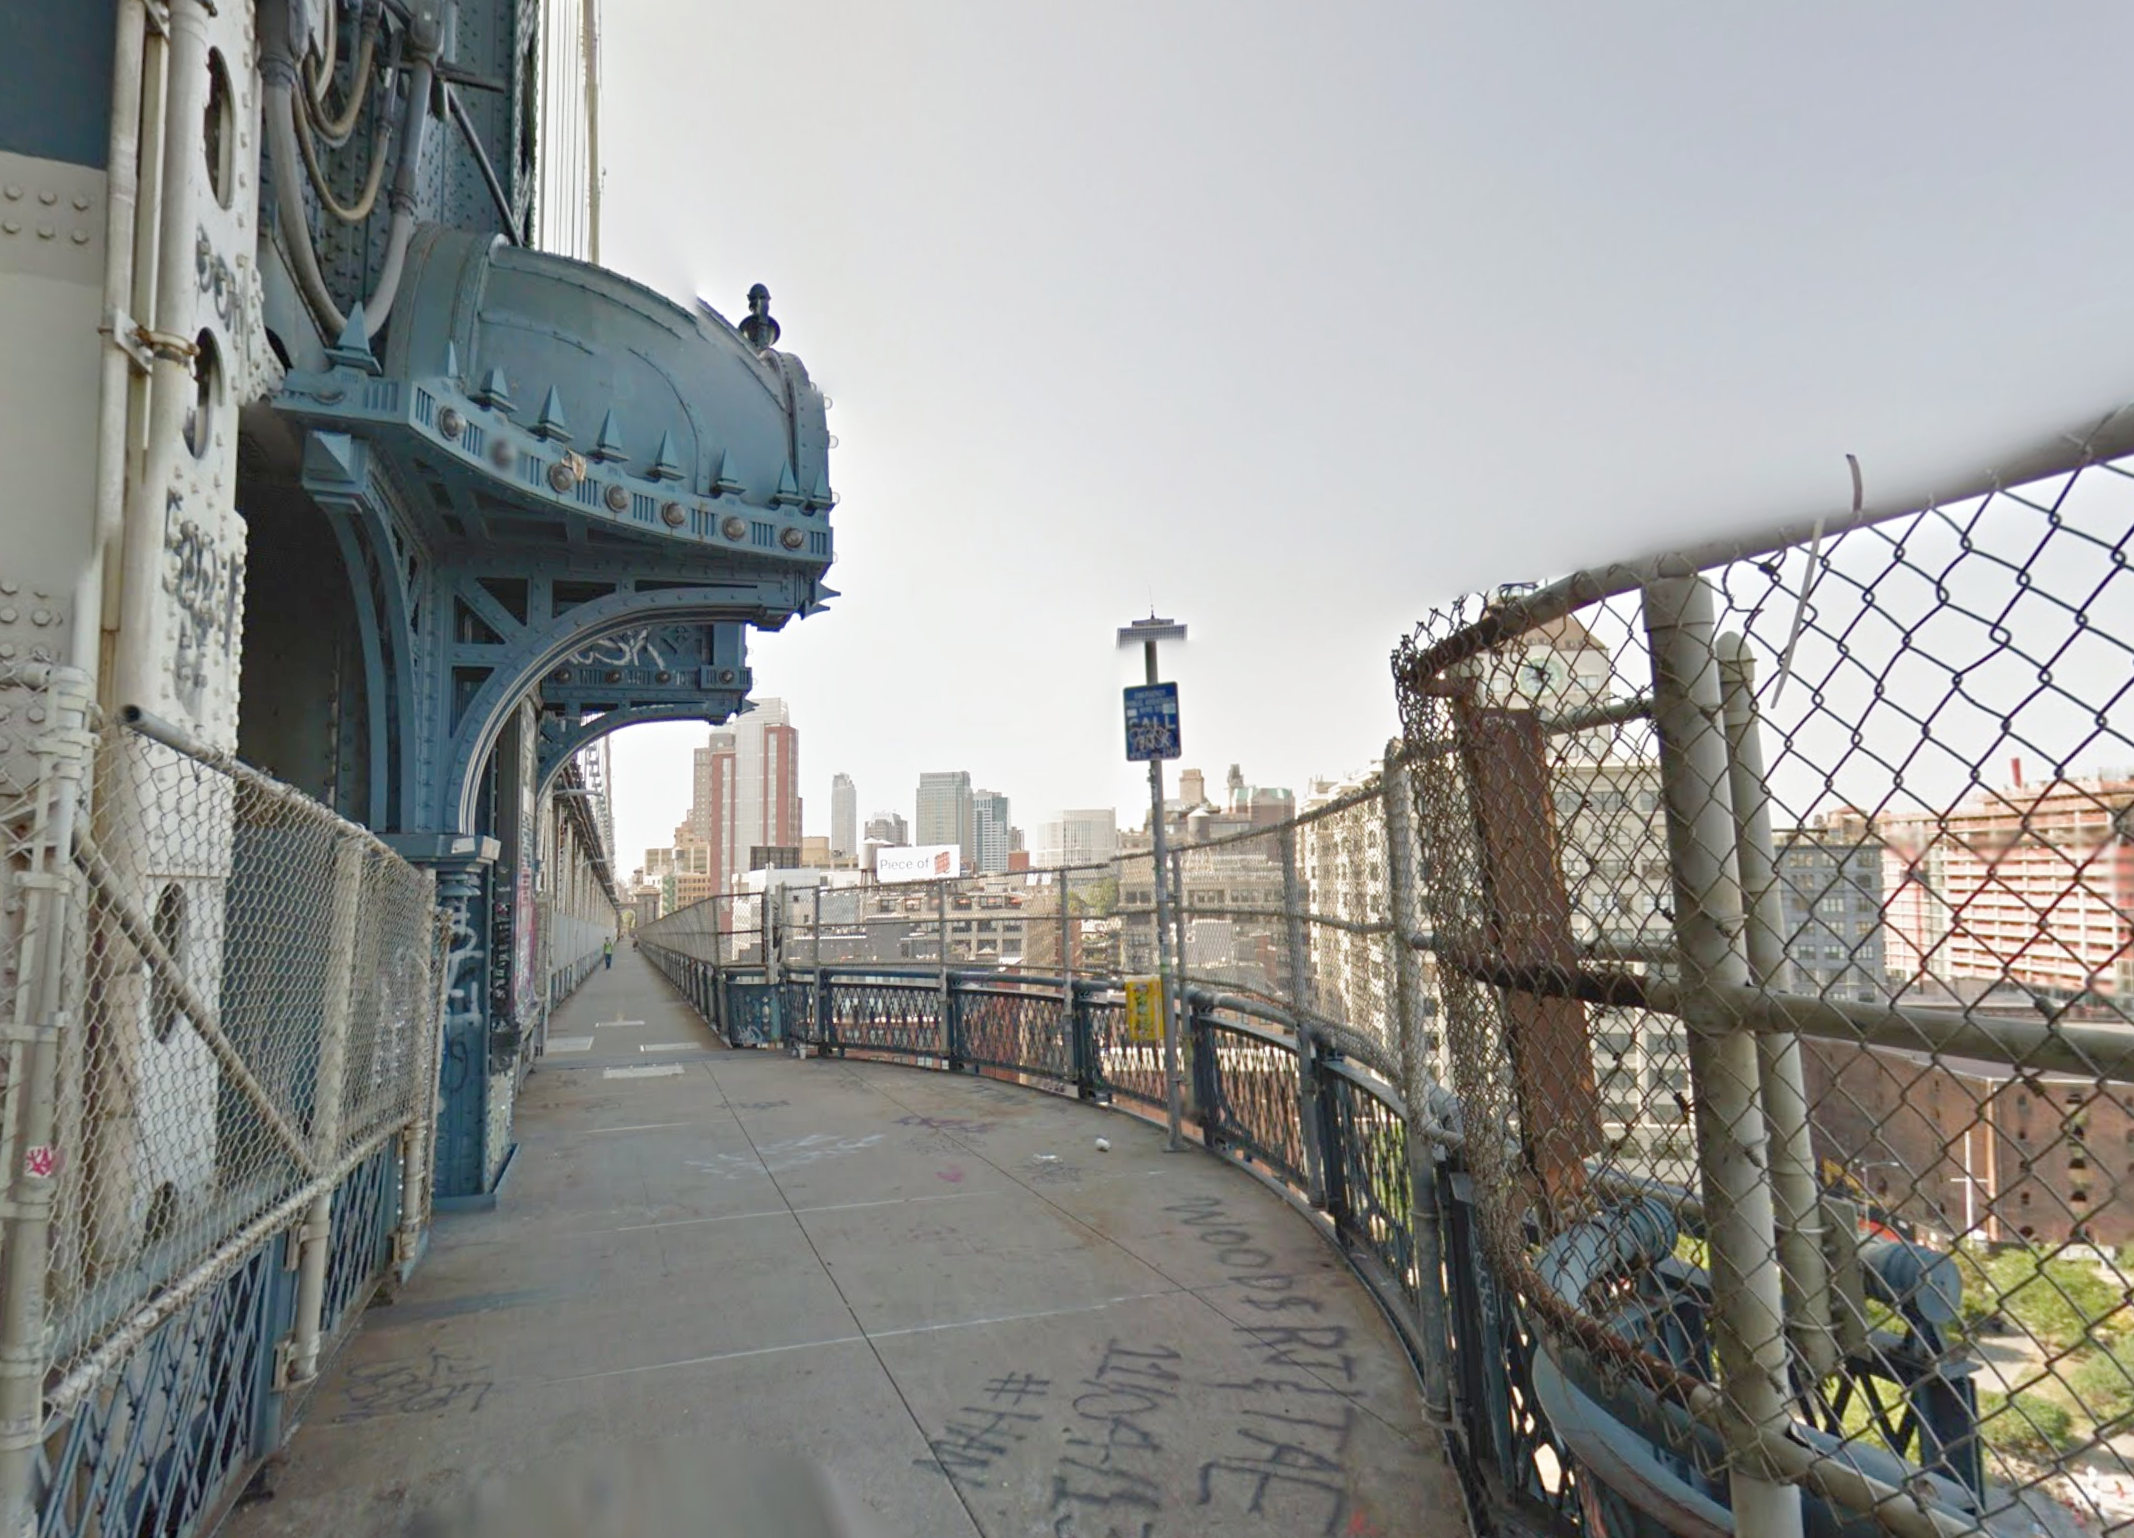 8. Manhattan Bridge (11:30 pm)